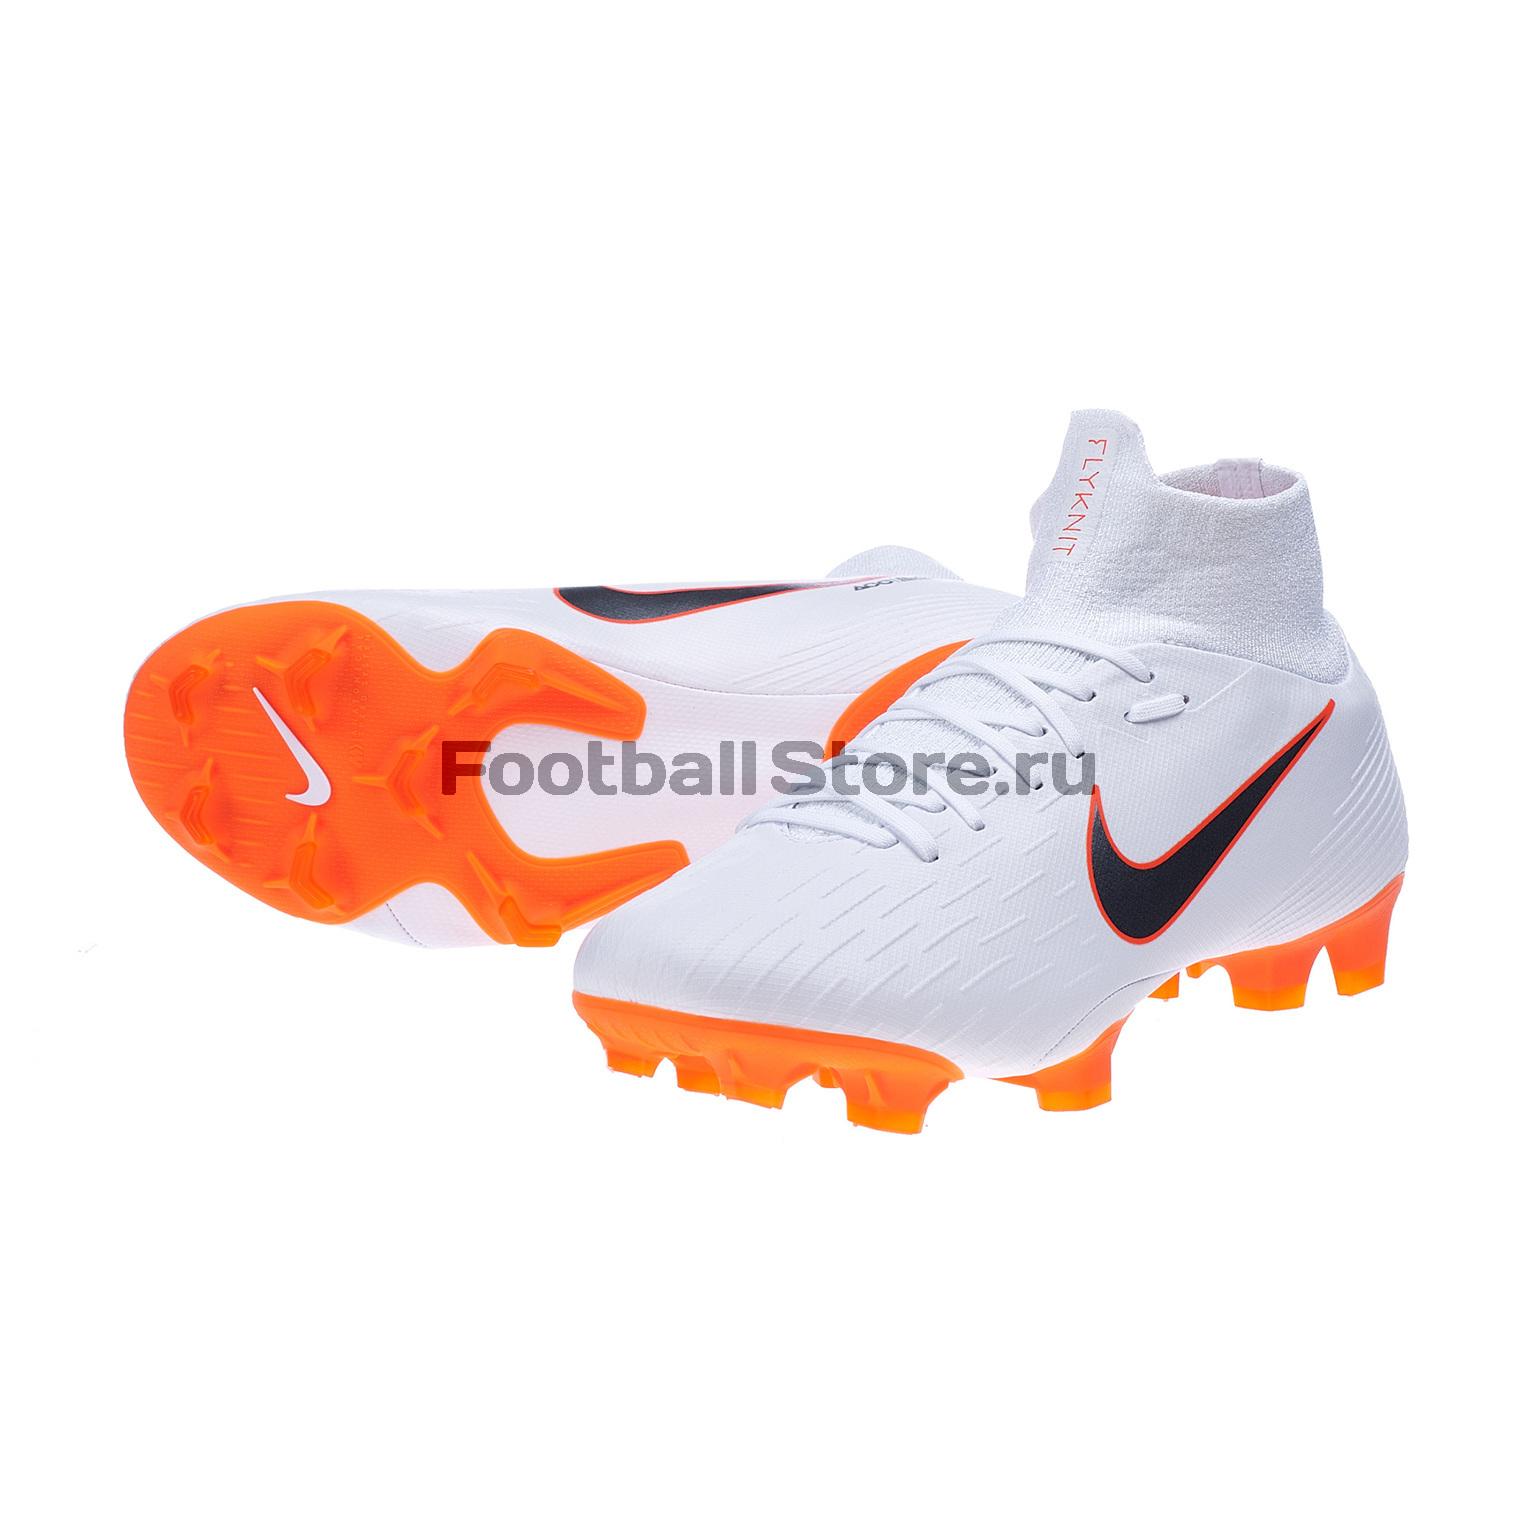 Бутсы Nike Superfly 6 Pro FG AH7368-107